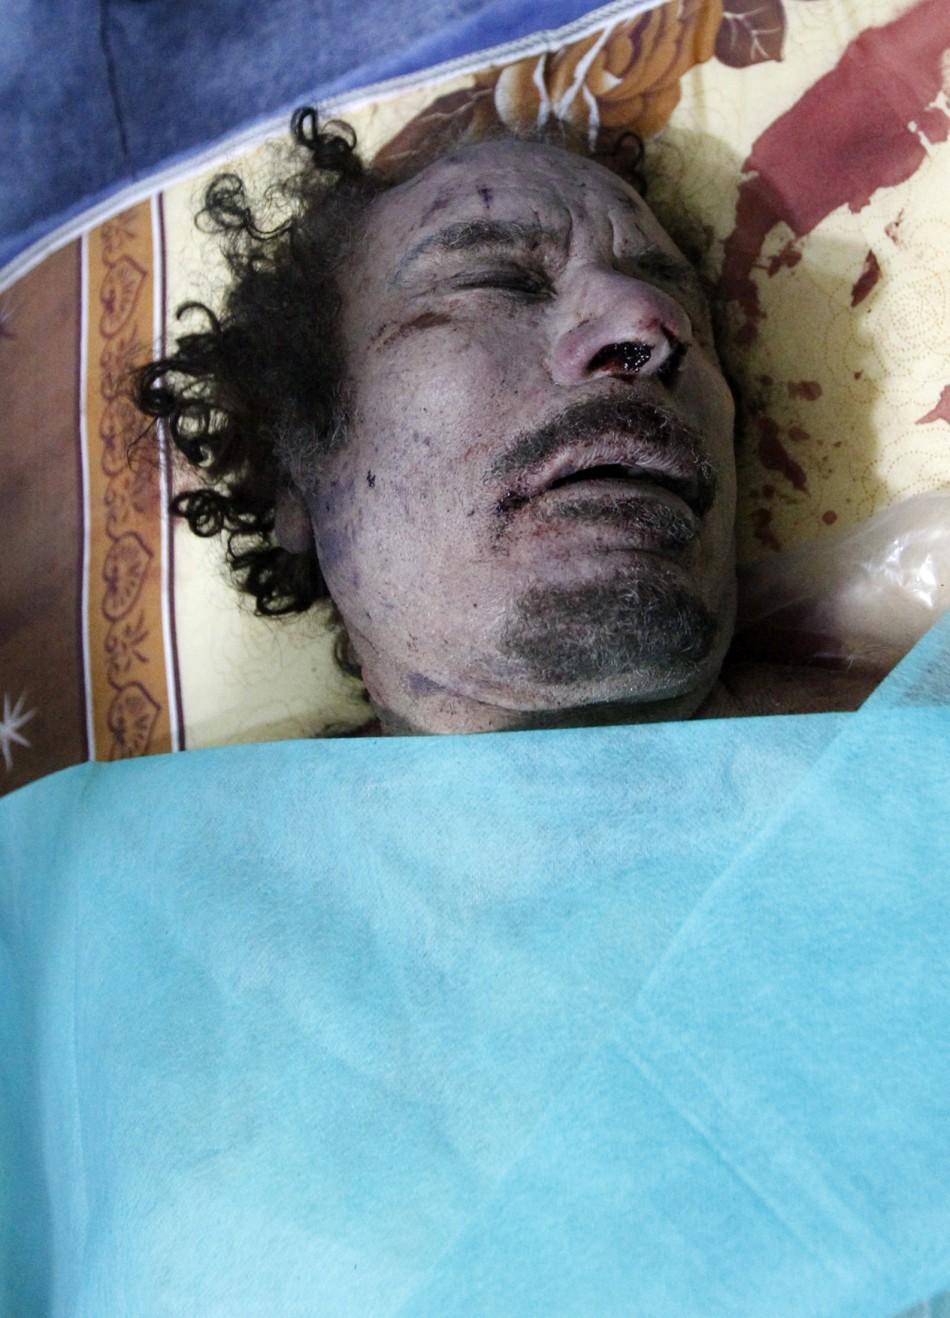 Muammar Gaddafi Killed Dead Body Photos Released